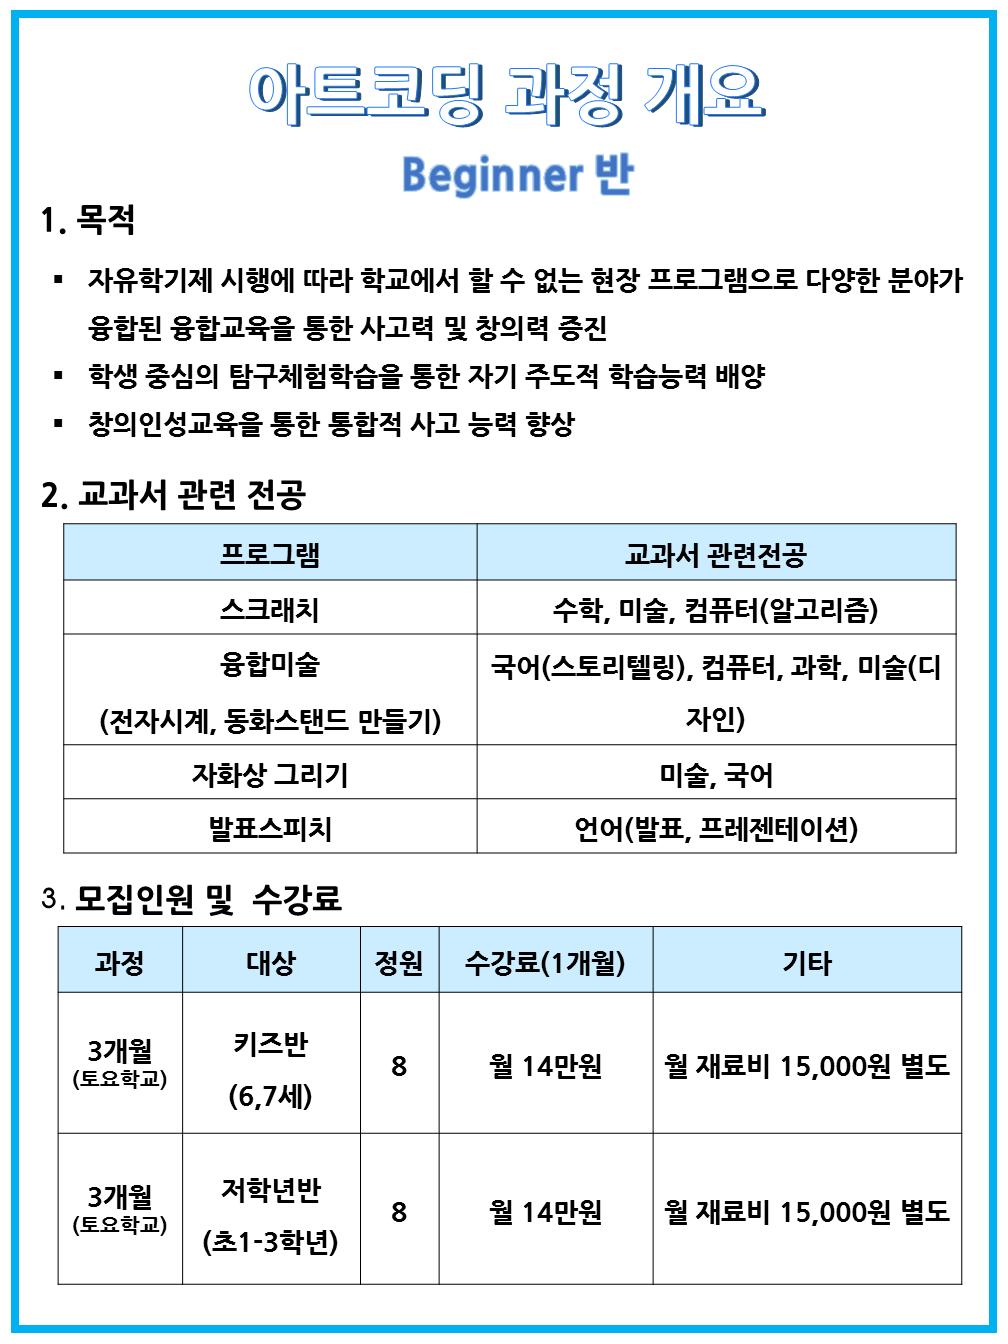 2017아트코딩수업개요 및 일정 수정최종.png